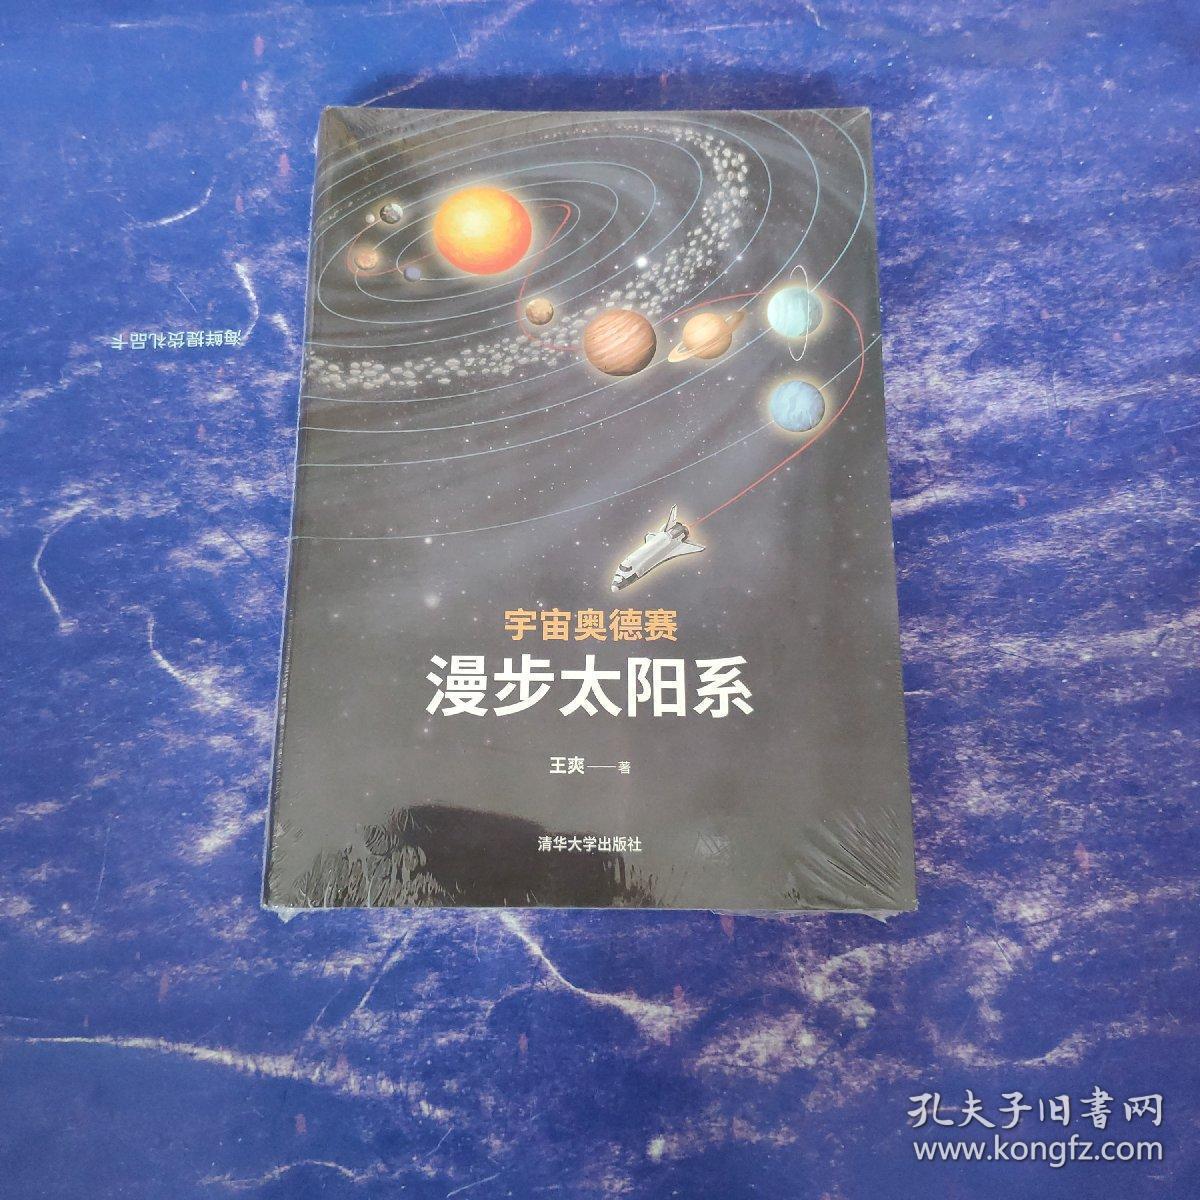 沐足奥德赛:漫步太阳系东城康悦博悦宇宙图片